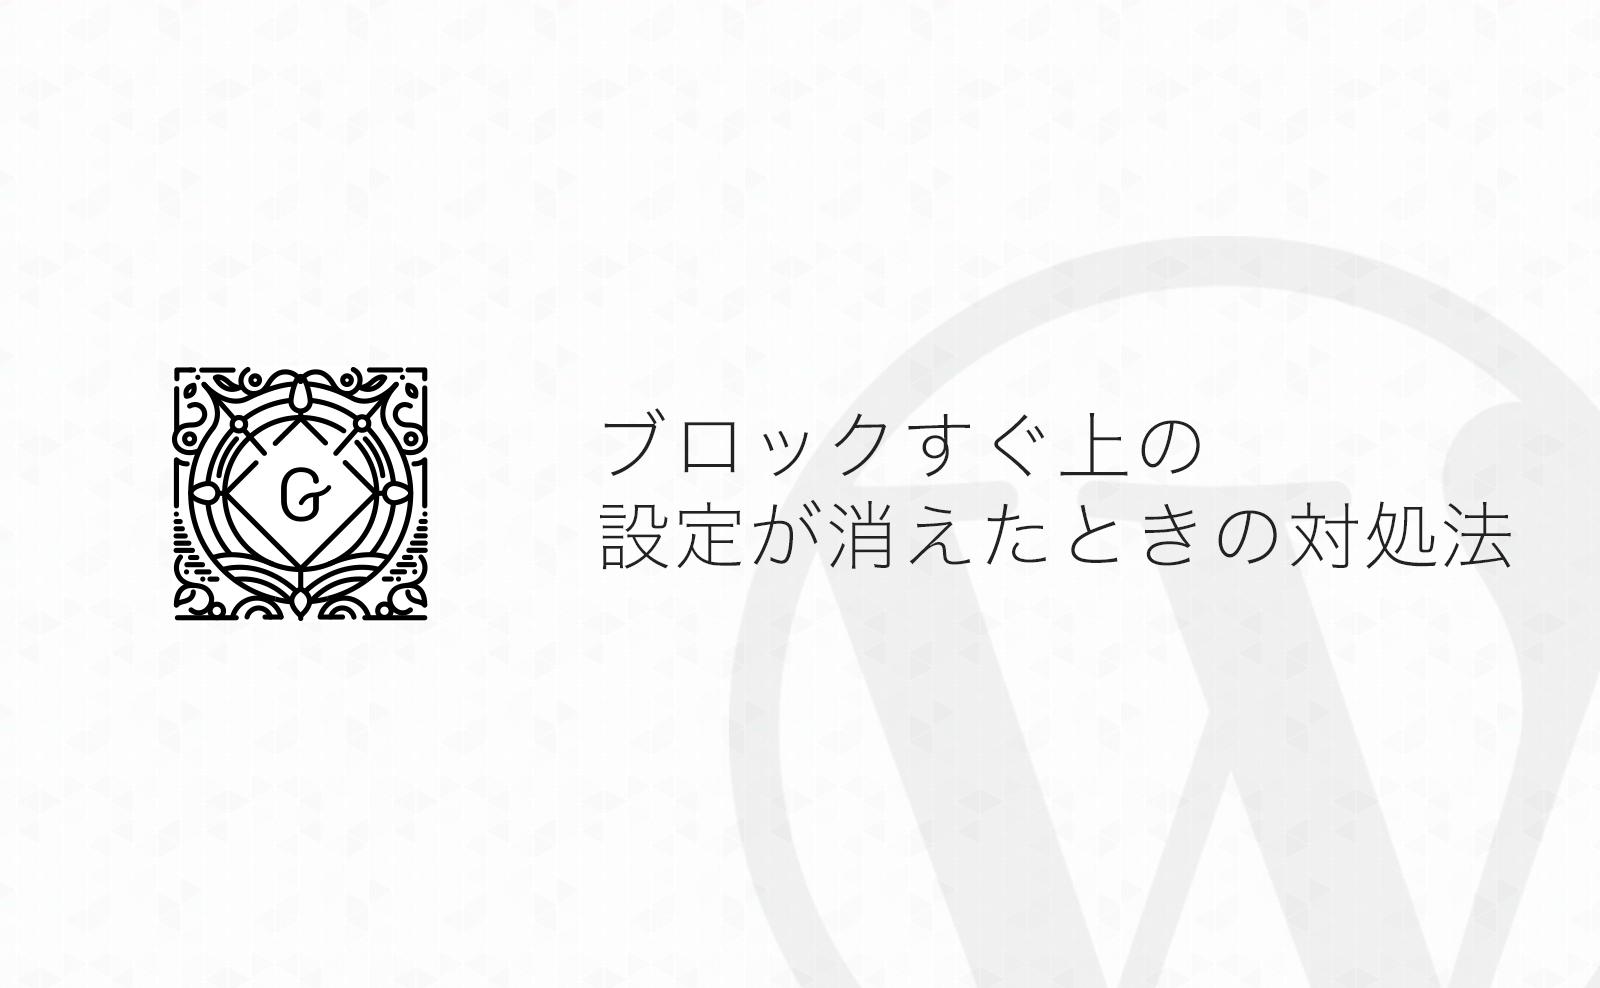 【WordPress】ブロックすぐ上の太字やリンクなどの設定が表示されなくなったときの対処法